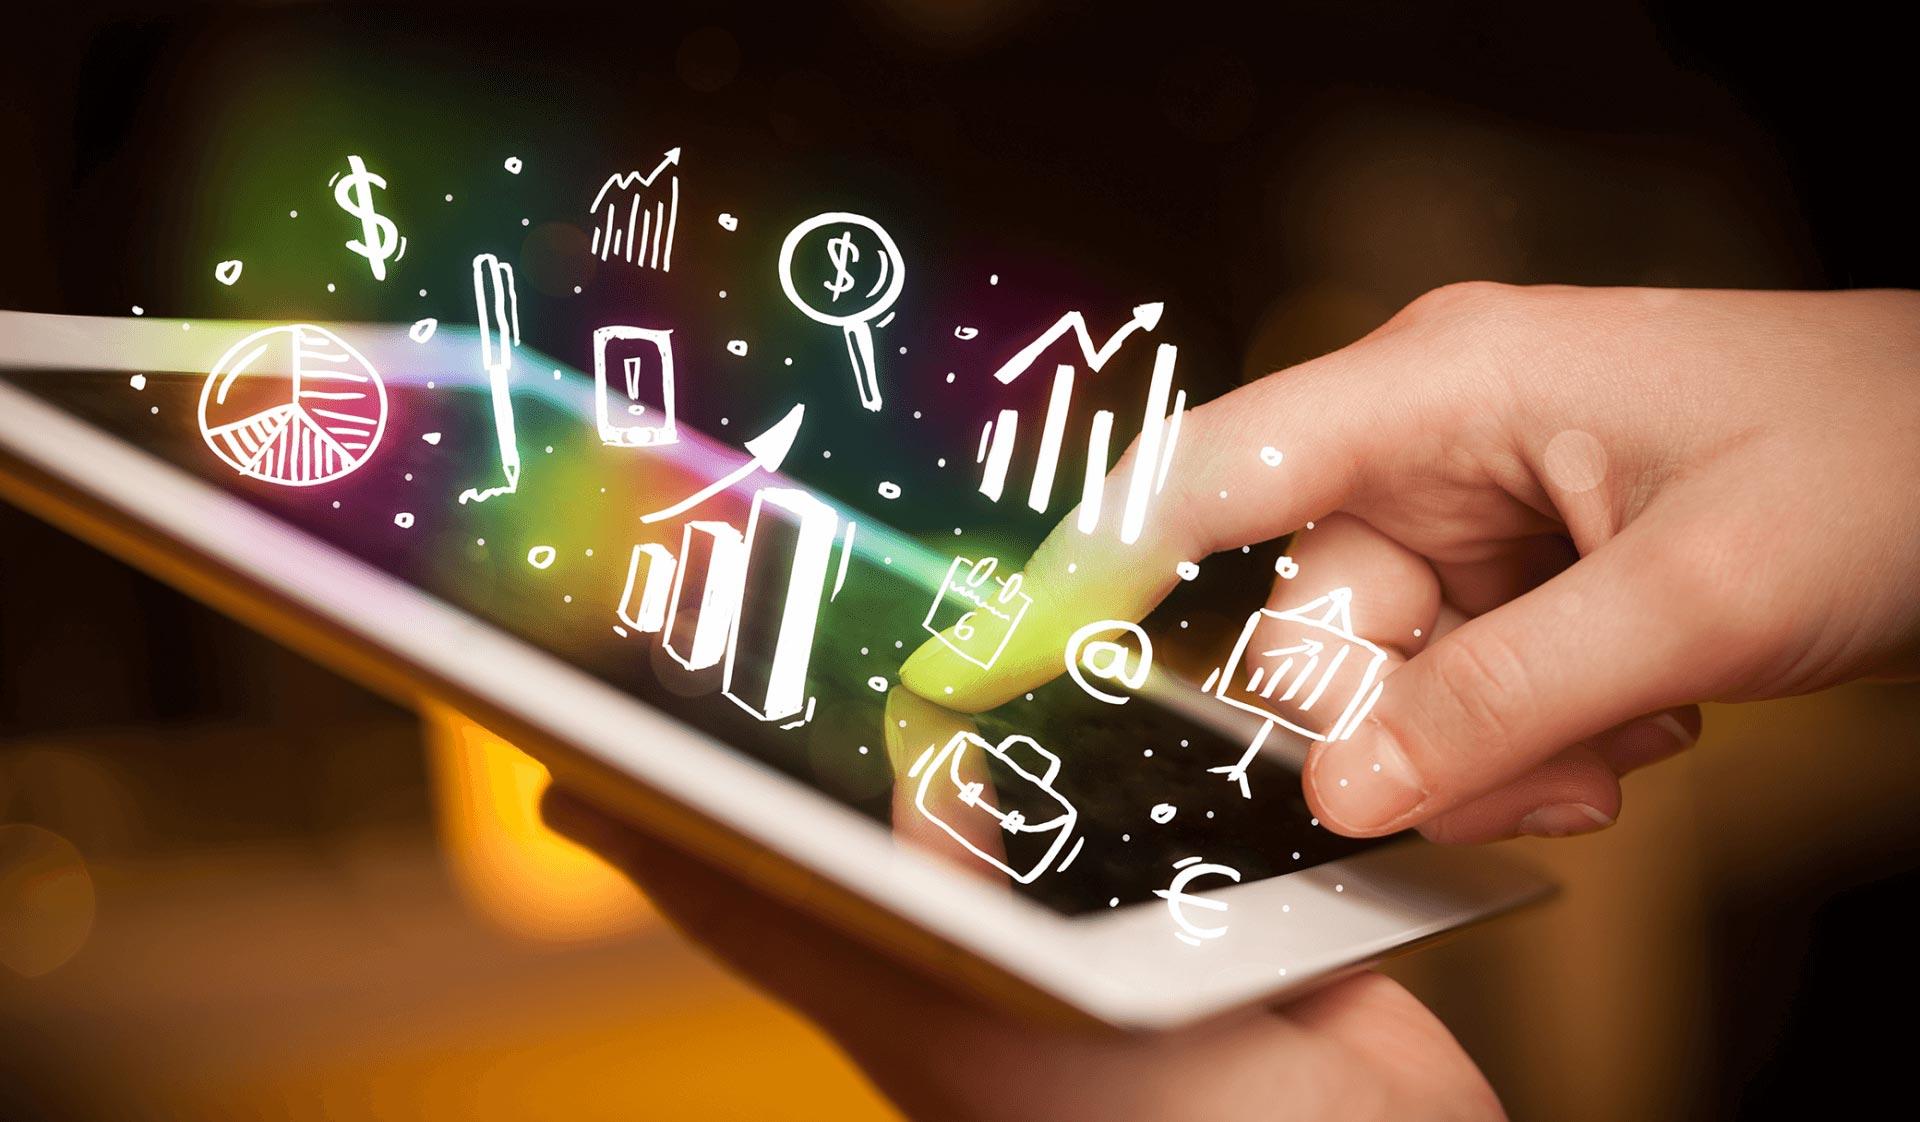 Бесплатный вебинар: Личный бренд в социальных сетях